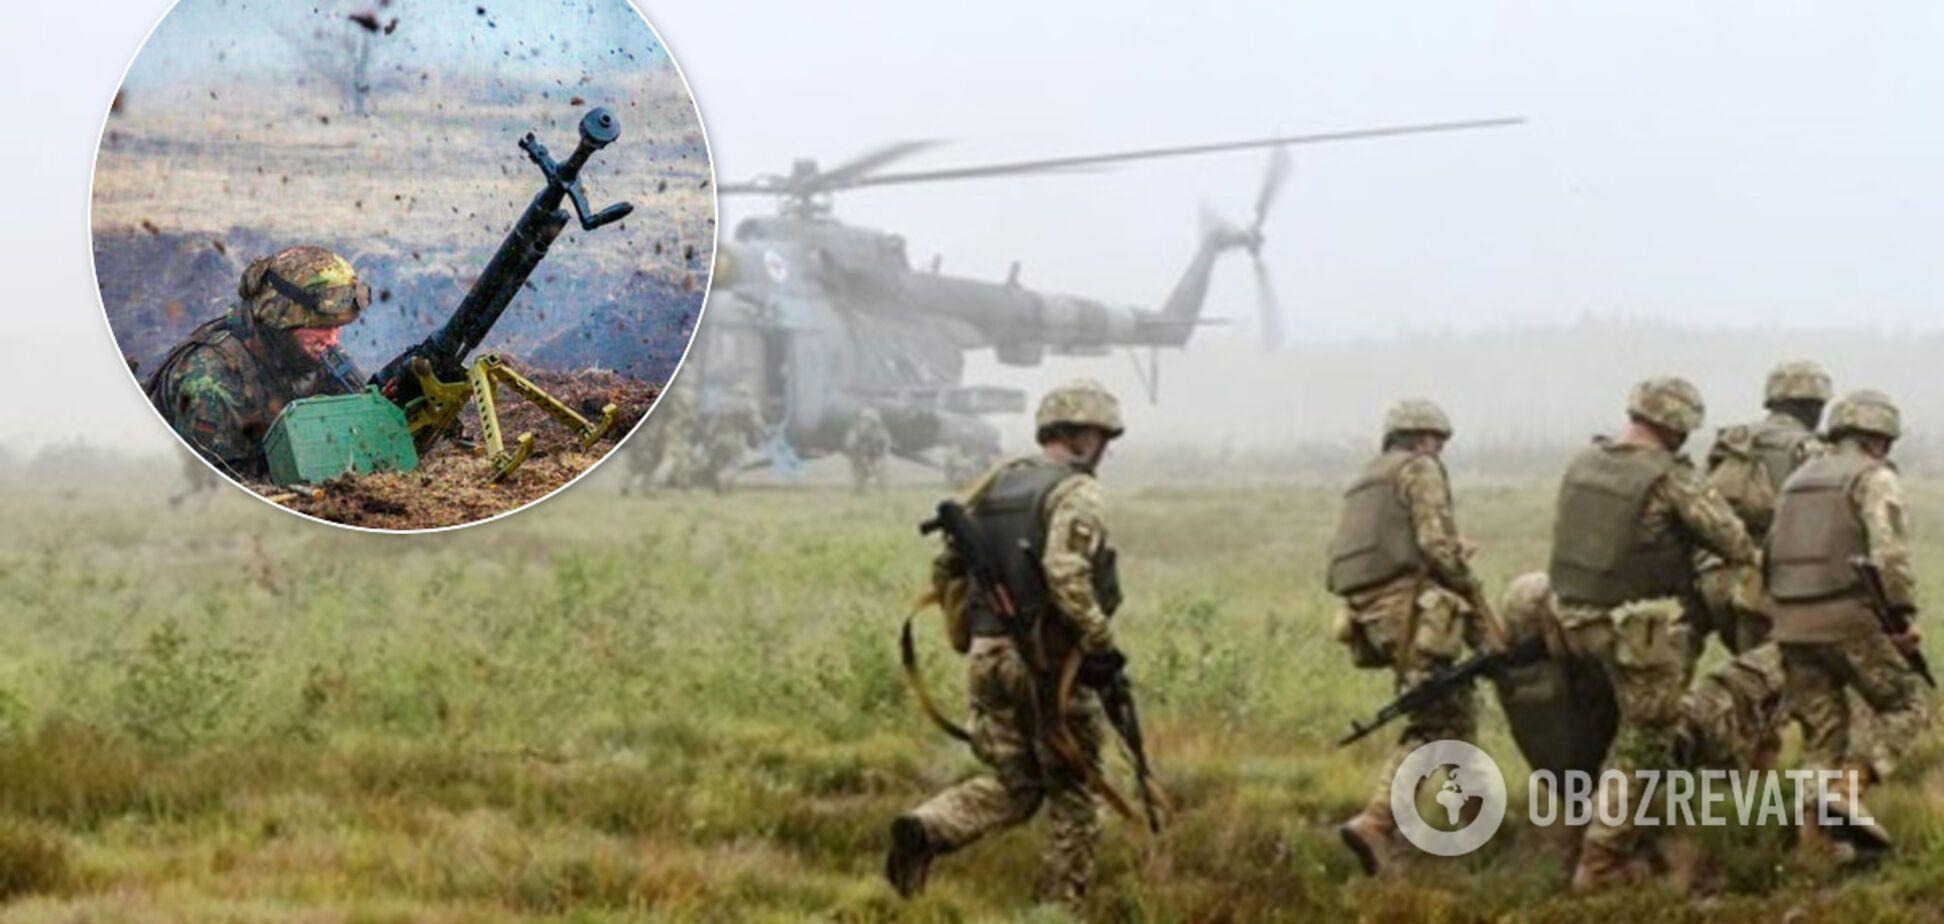 Війська Росії розпалили криваві бої на Донбасі: багато поранених і вбитих